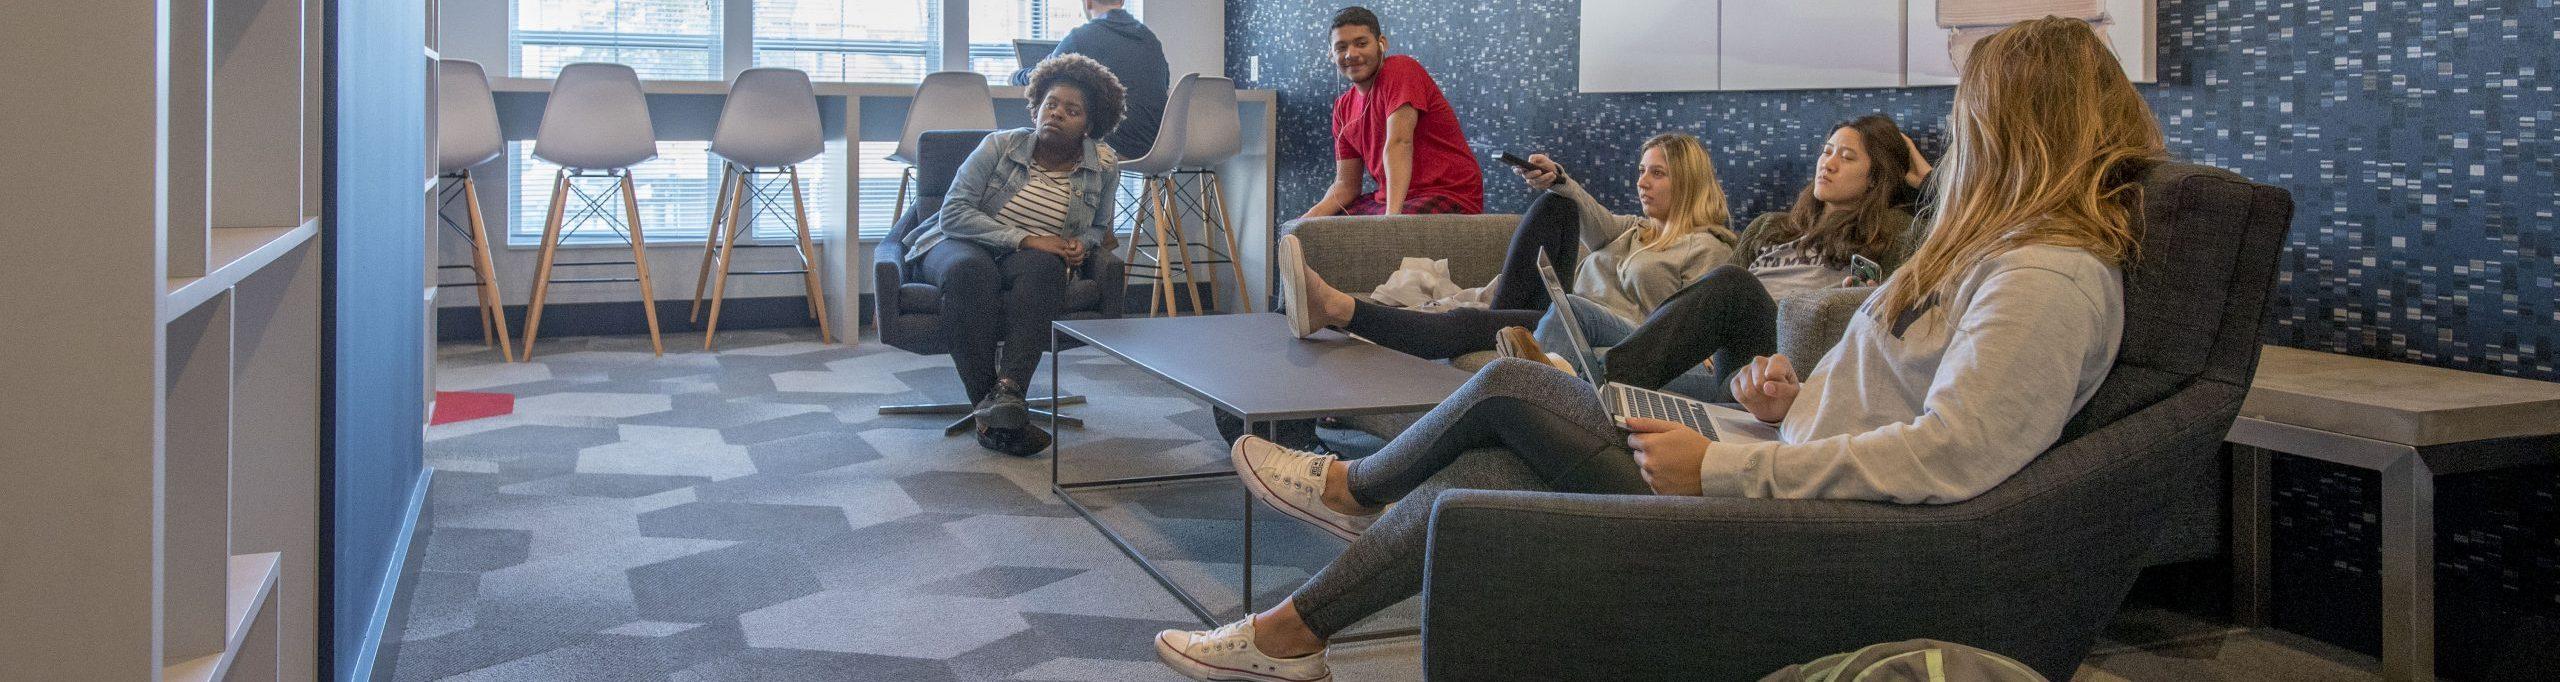 stamford housing lounge